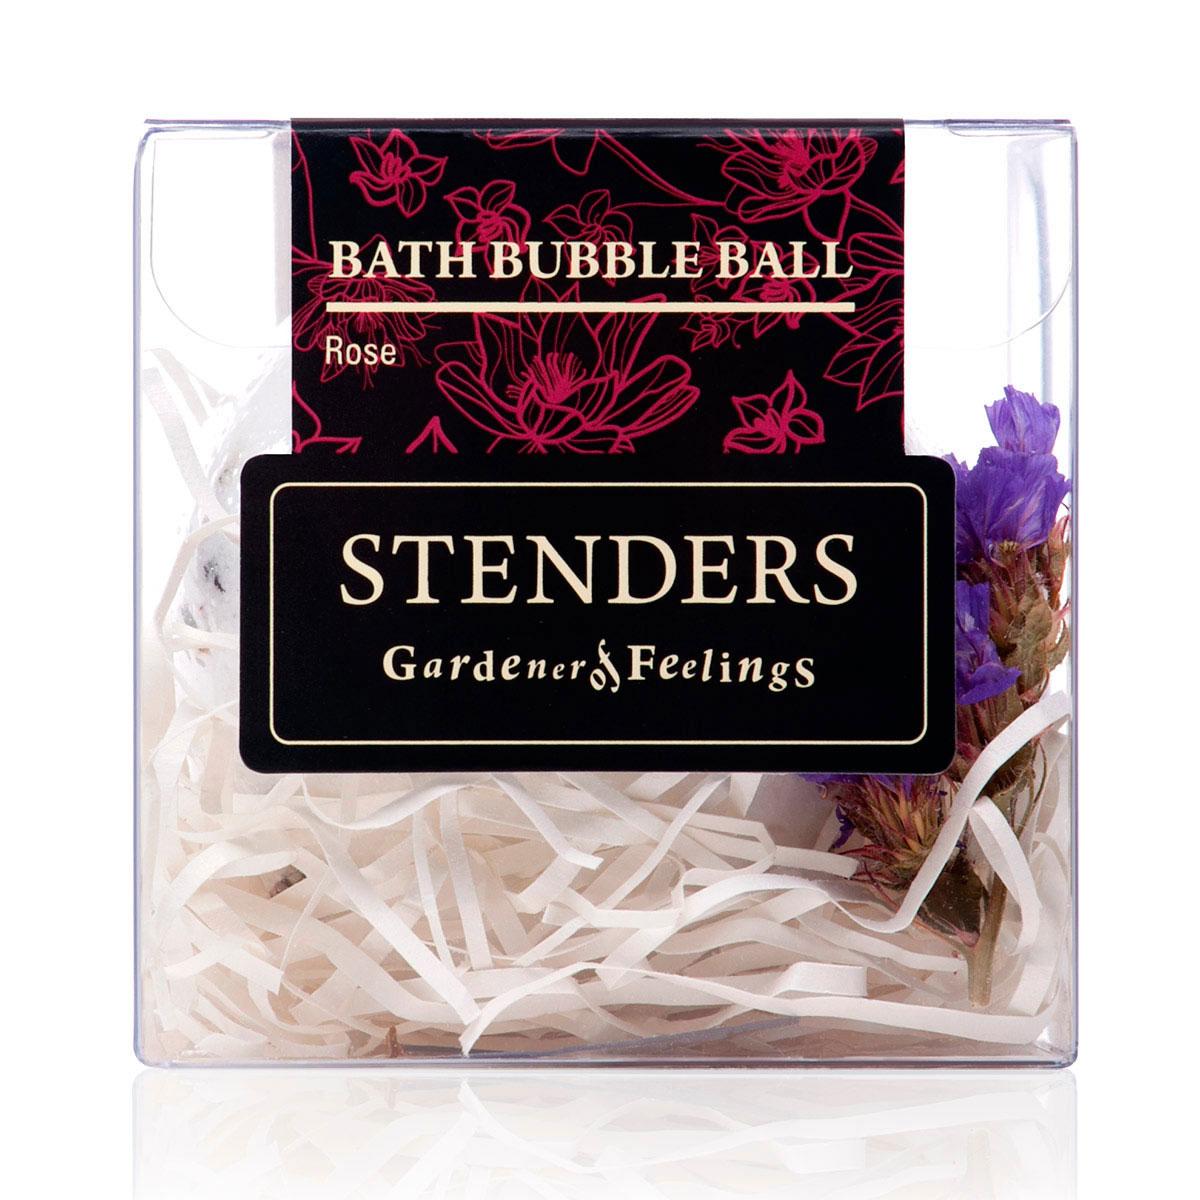 Stenders Бурлящий шар Розовый, 125 гSISBB06Ваши любимые бурлящие шары, упакованные в красивую коробку - готовы удивлять и радовать. Этот изготовленный умелыми руками бурлящий шар для ванны наполнит помещение волнующим сердце королевским ароматом роз. Пока вы будете наслаждаться расслабленным отдыхом, о вашей коже позаботятся содержащиеся в шарике кристаллы соли и масло виноградных косточек. А в ванне распустятся изысканные лепестки розы, вдохновляя вас на романтические мгновения для двоих. Масло виноградных косточек особенно хорошо тем, что содержит ненасыщенные жирные кислоты в большой концентрации. Оно придаст жизненную силу вашей коже, тщательно увлажняя и смягчая ее. Кристаллы соли моря богаты ионами кальция, калия и натрия. Эти вещества очистят вашу кожу и укрепят ногти. Релаксирующая ванна с солью помогает регулировать уровень влаги в клетках, устраняя припухлость и снимая усталость.